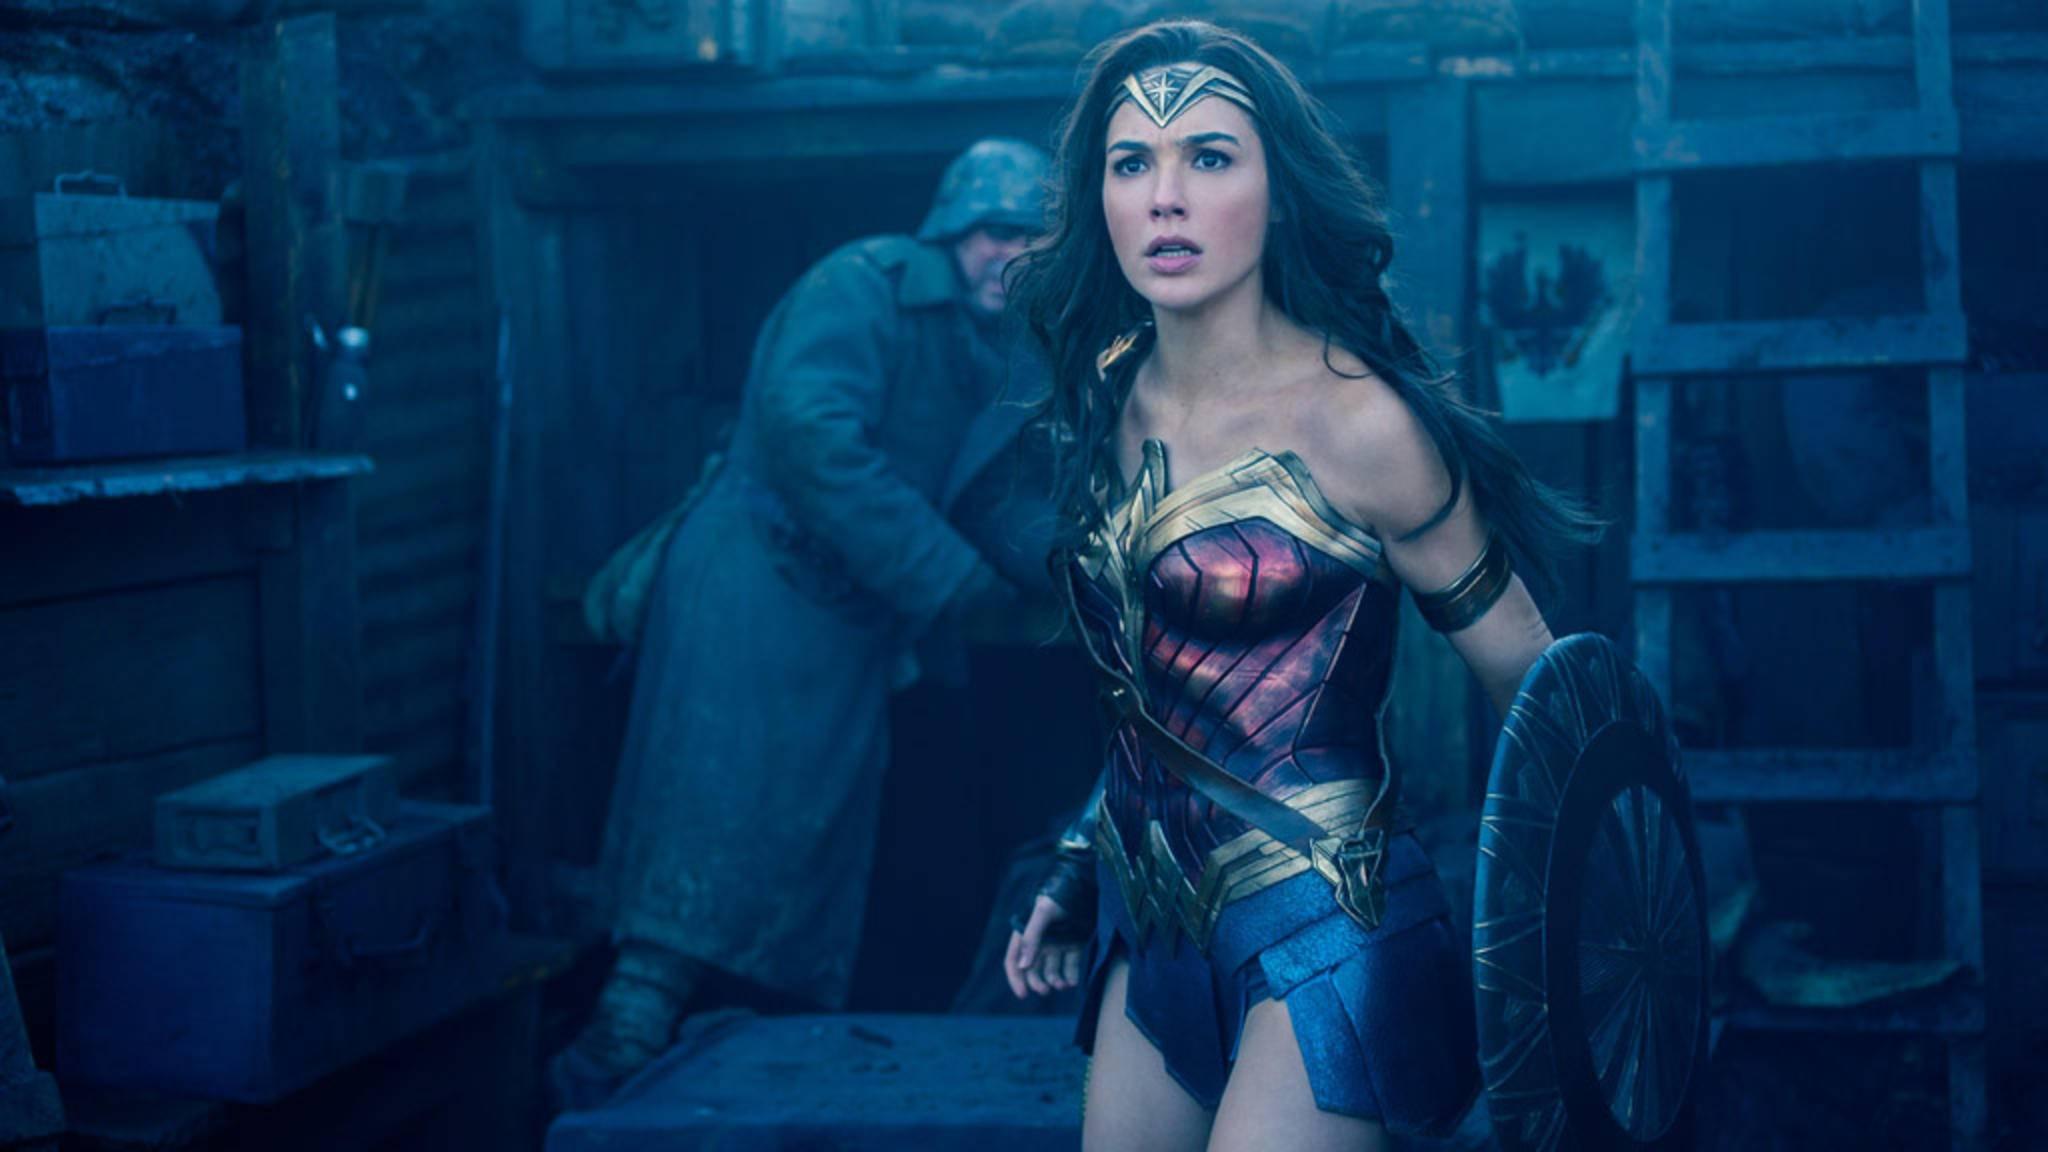 """Jenkins setzte ihre Vision für """"Wonder Woman"""" offenbar konsequent durch. Lediglich bei einer Szene spürte die Regisseurin, dass sie etwas ändern musste."""